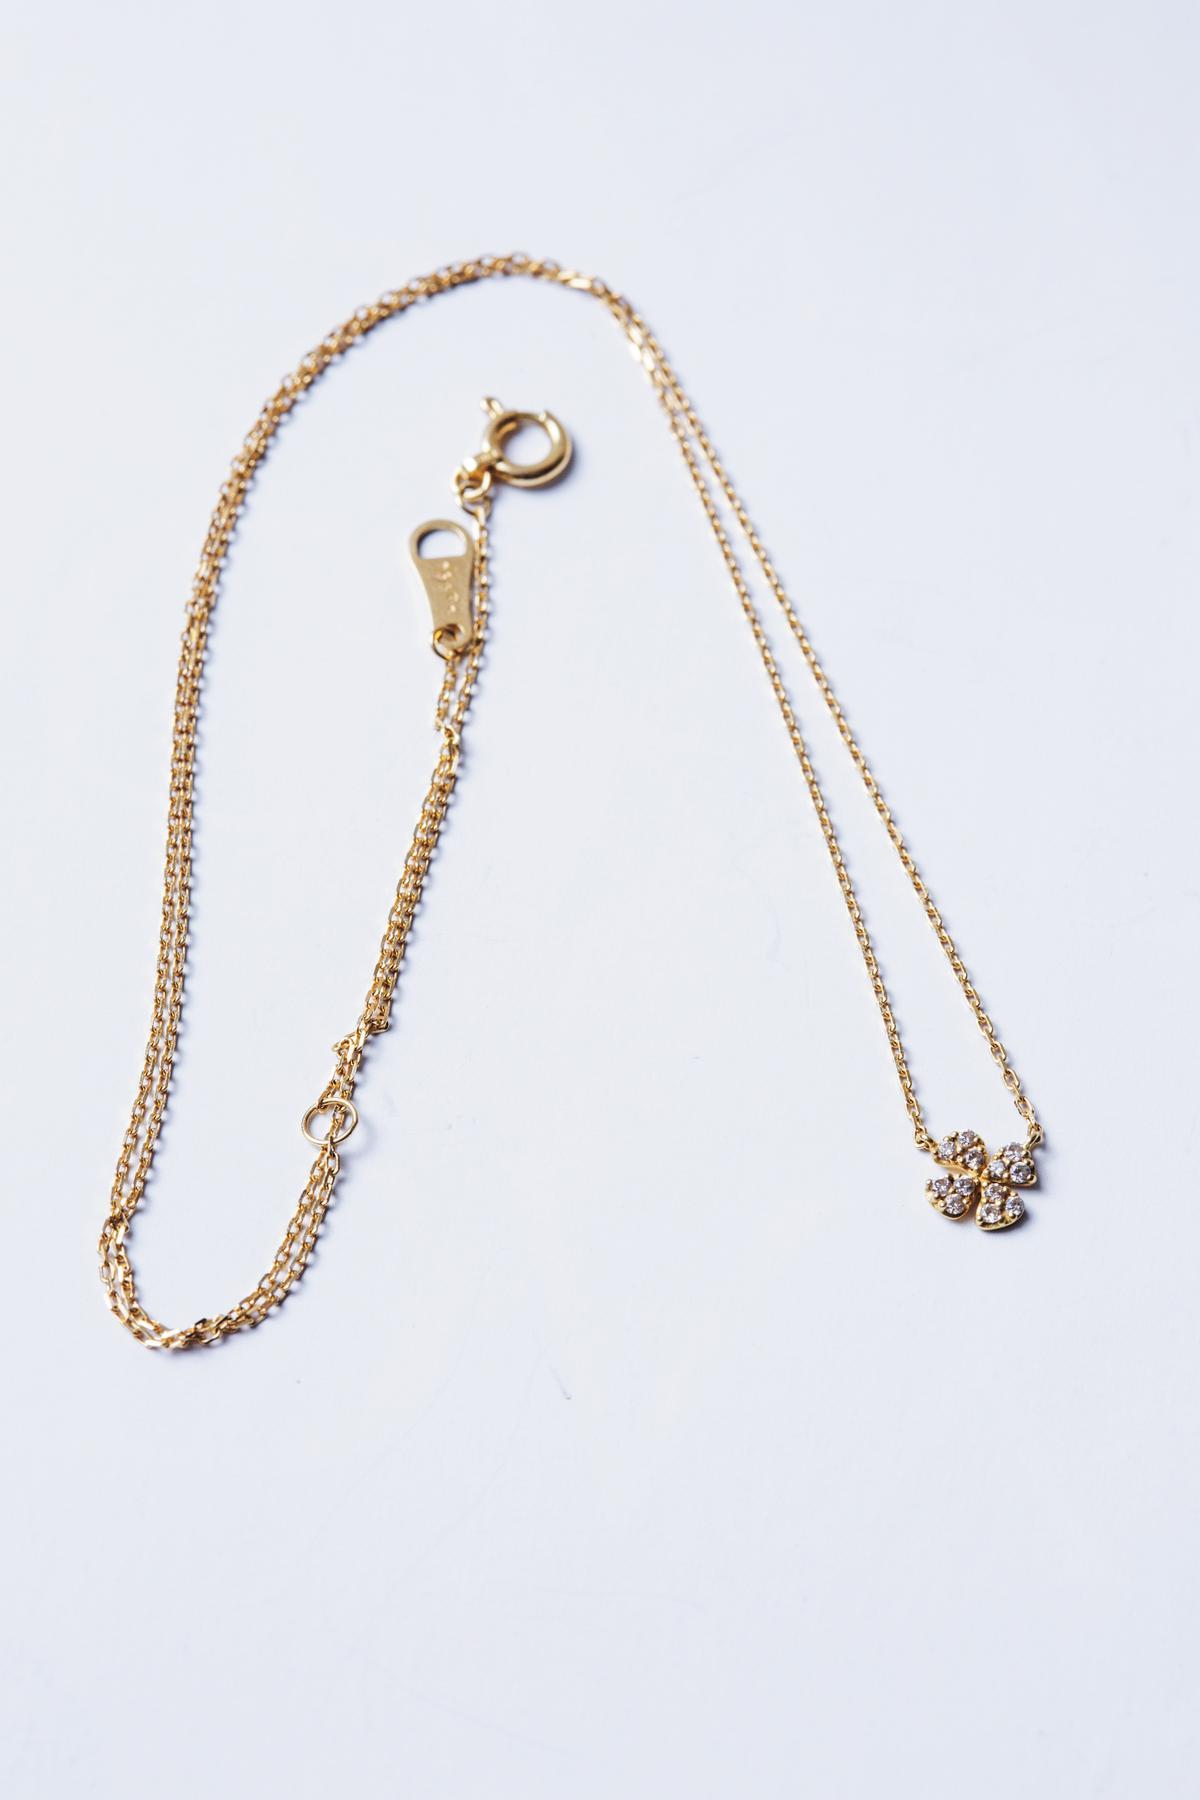 日本買的agete項鍊。約NT$10,000